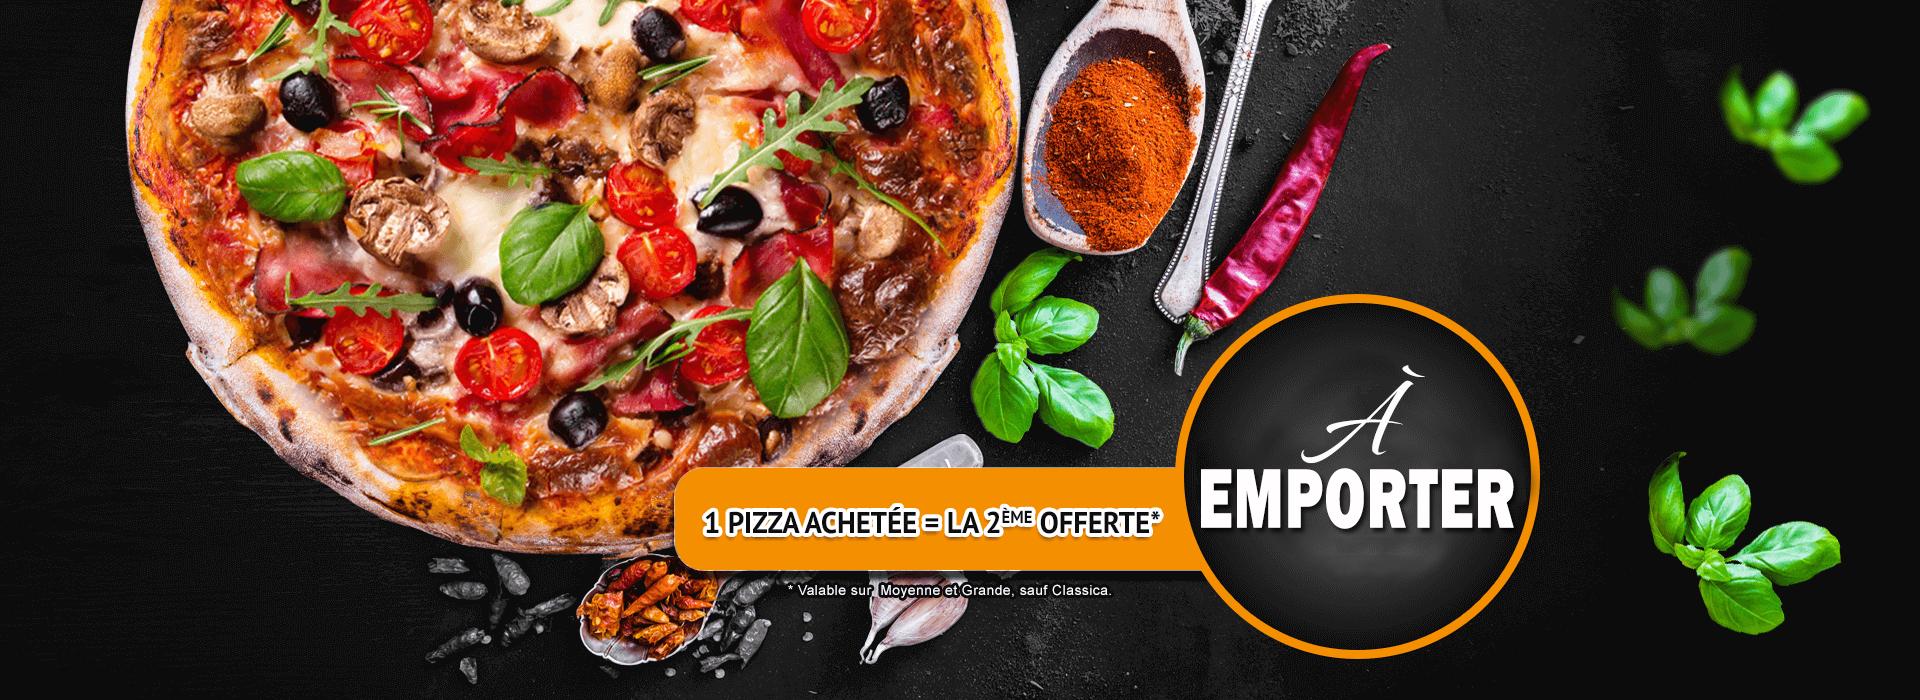 Livraison Pizzas boulogne billancourt - Fun Pizza Clamart livre